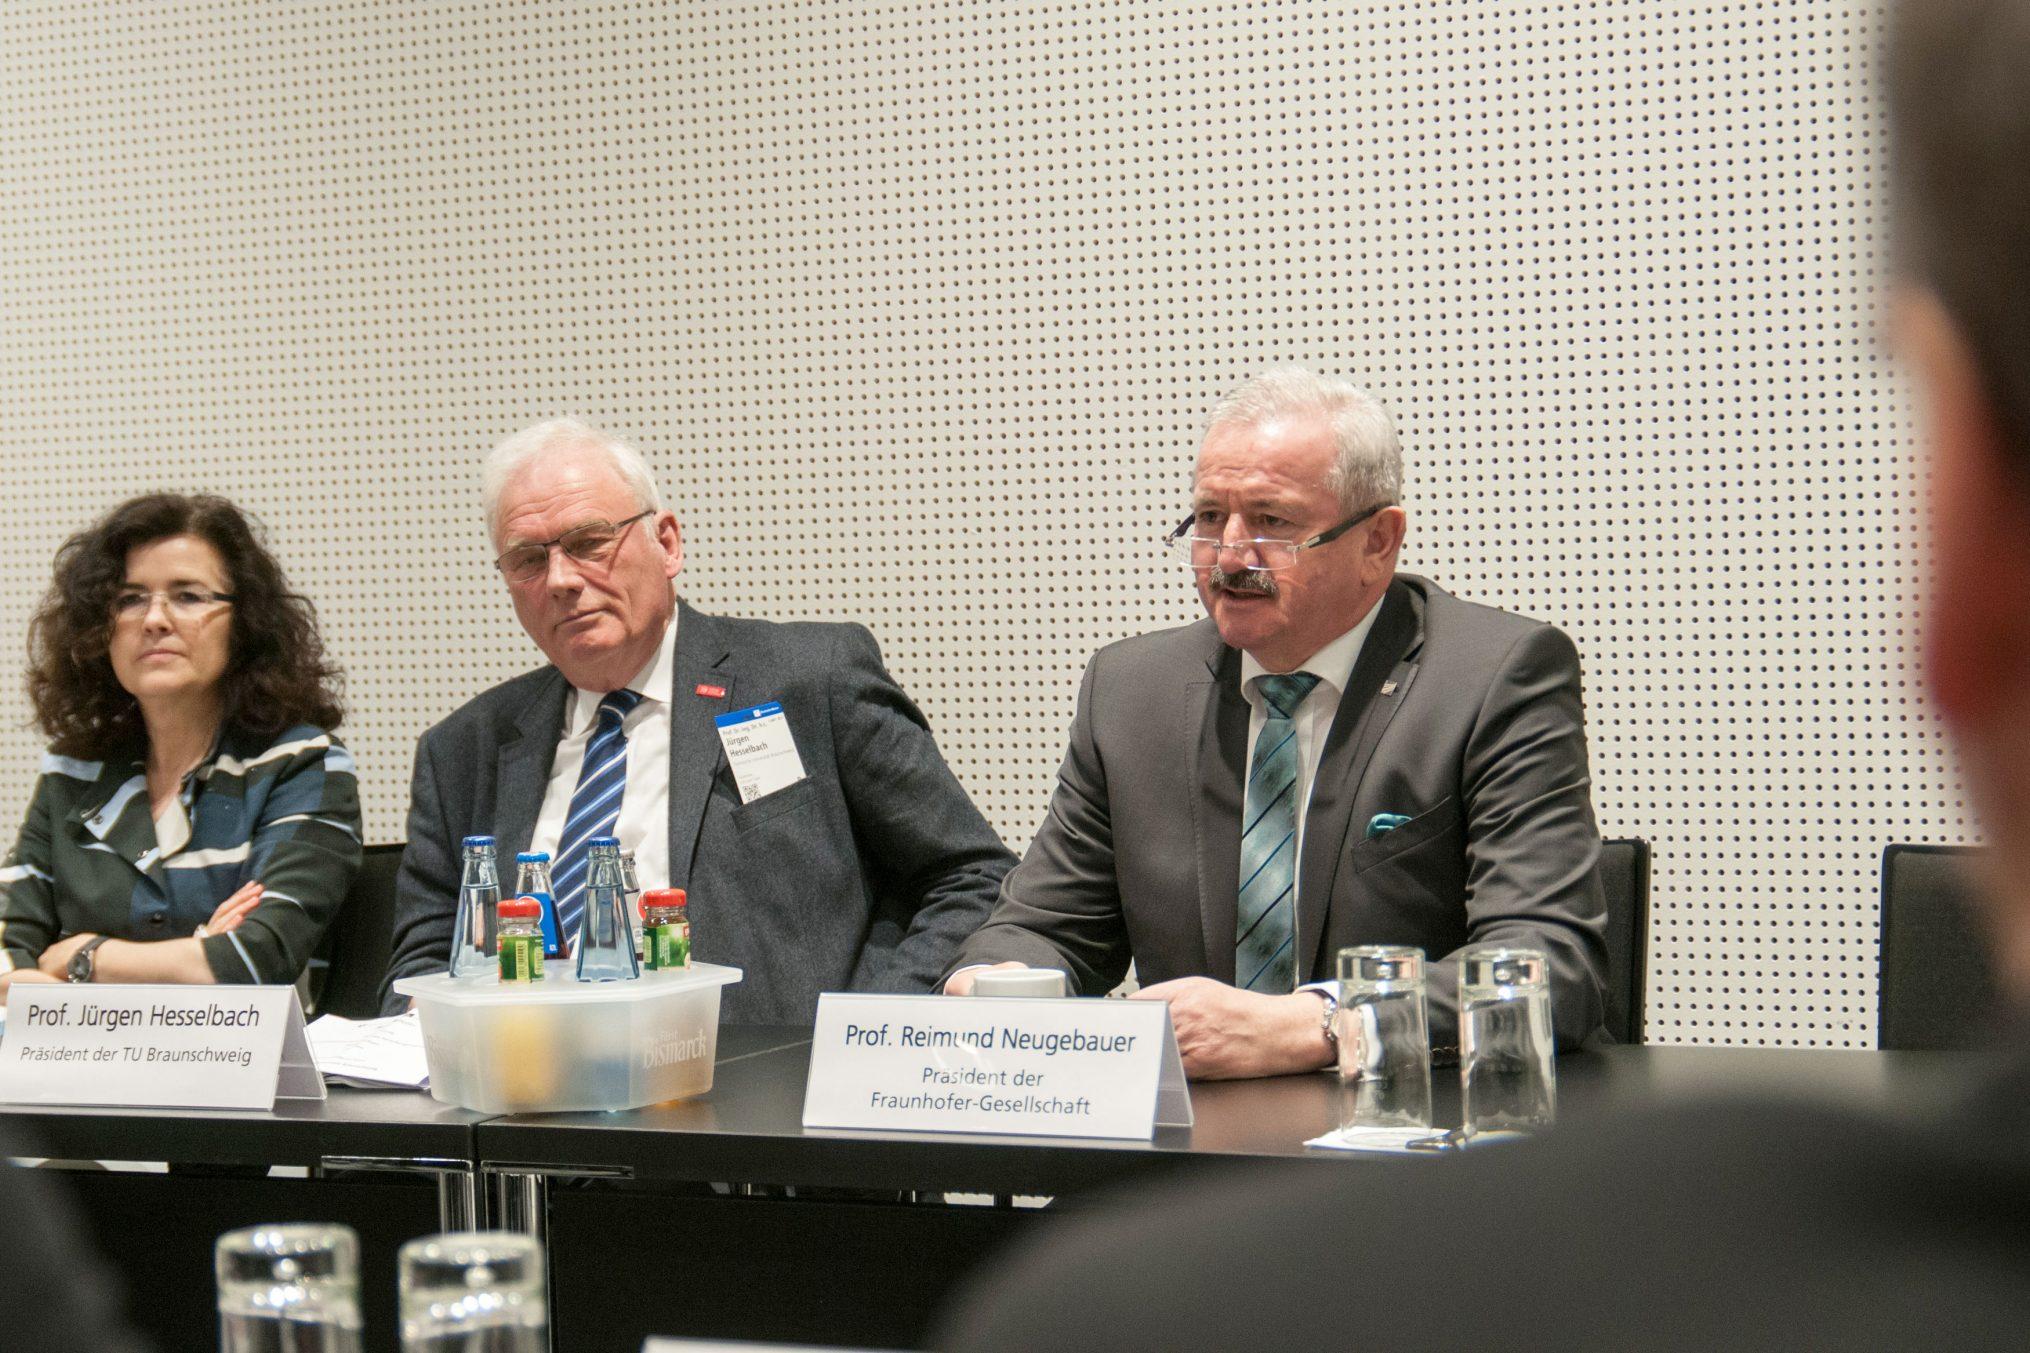 Bei der Unterzeichnung (von links: Ministerin Dr. Gabriele Heinen-Kljajić, TU-Braunschweig Präsident Prof. Jürgen Hesselbach und der Präsident der Fraunhofer-Gesellschaft, Prof. Reimund Neugebauer.